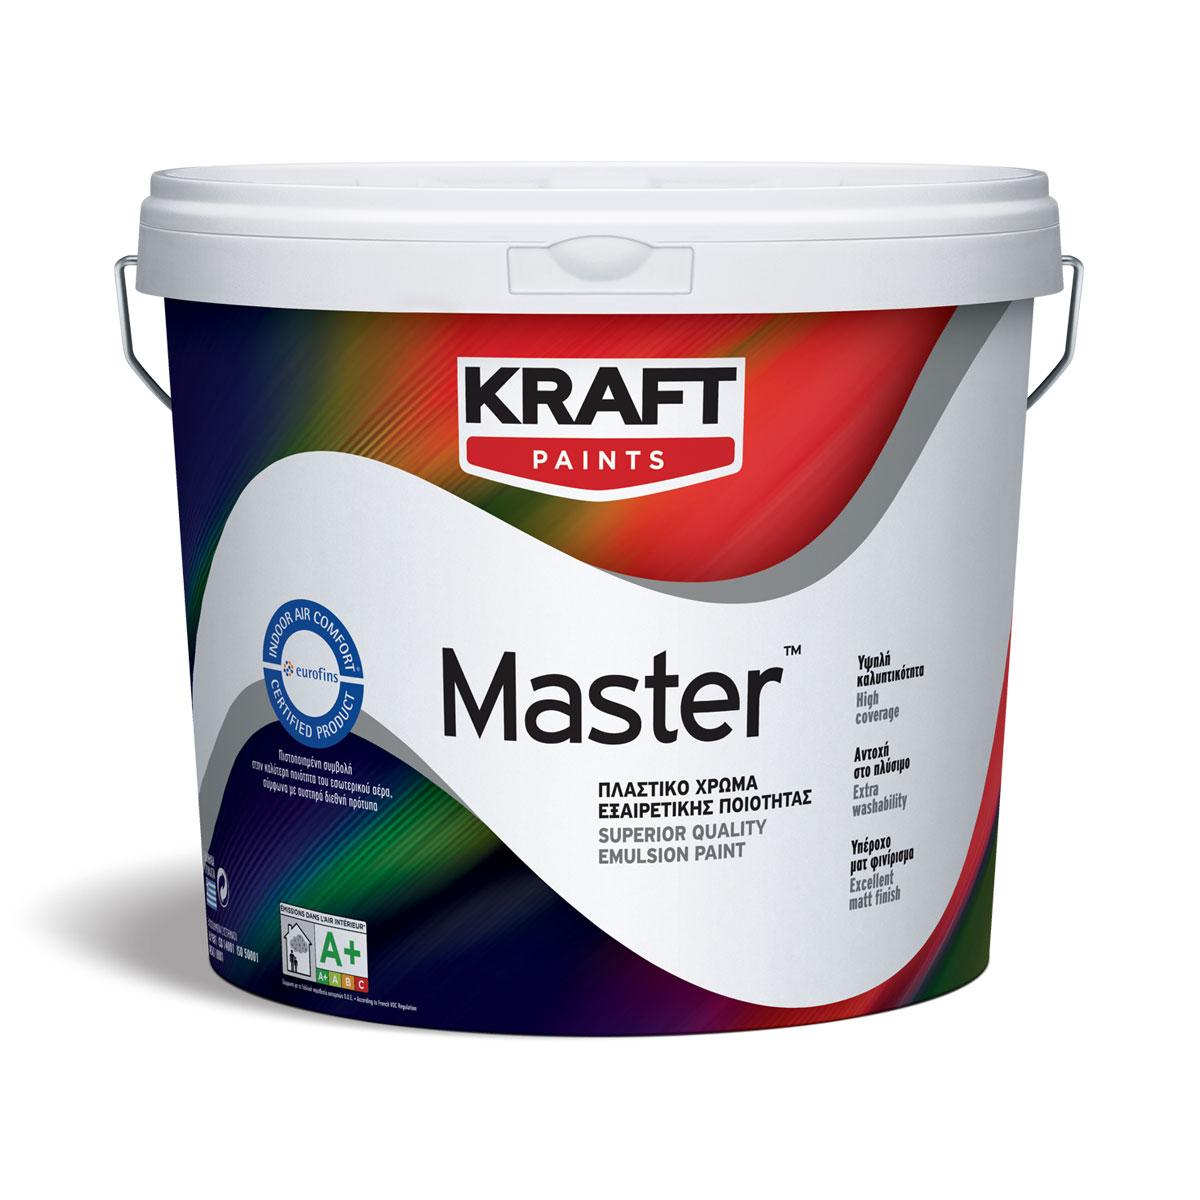 πλαστικό χρώμα master